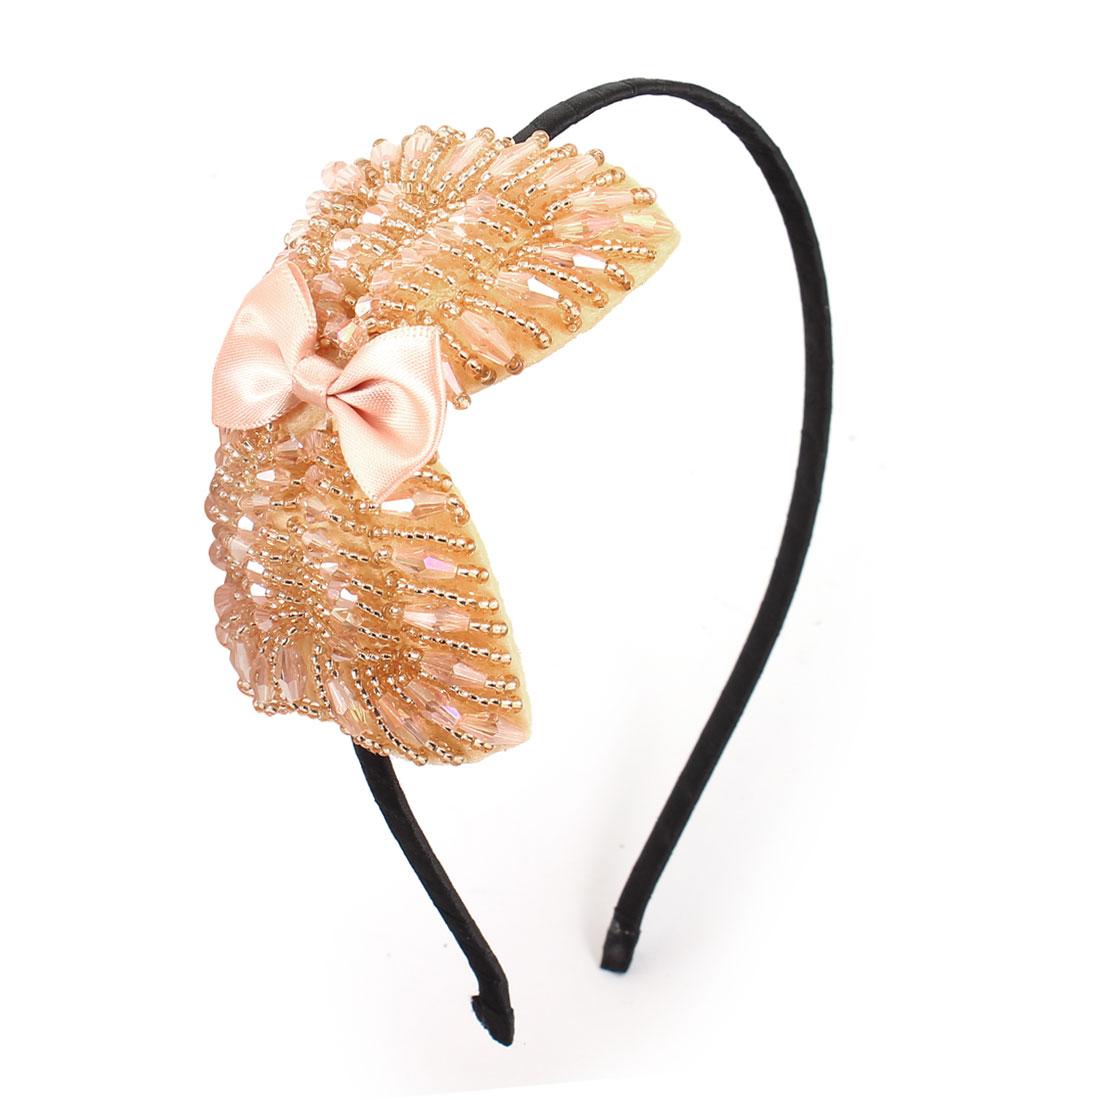 Pink Handcraft Beads Bowtie Accent Metal Frame Headband Hair Hoop